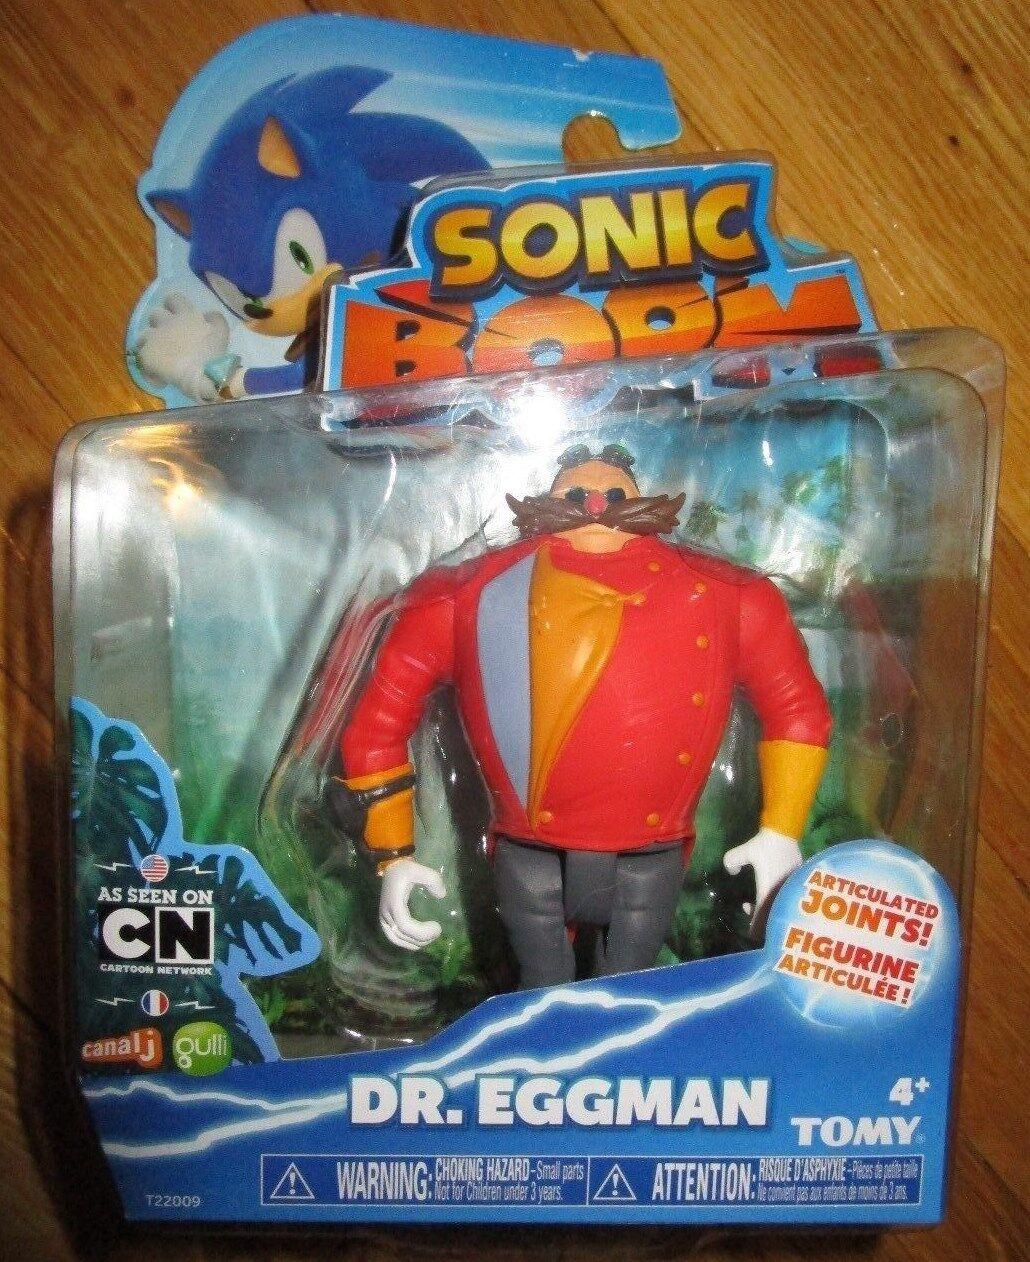 SONIC BOOM DR. EGGMAN FIGURE 3  Sonic The Hedgehog Hedgehog Hedgehog SEGA NEW ROBOTNIK 7d1e7e